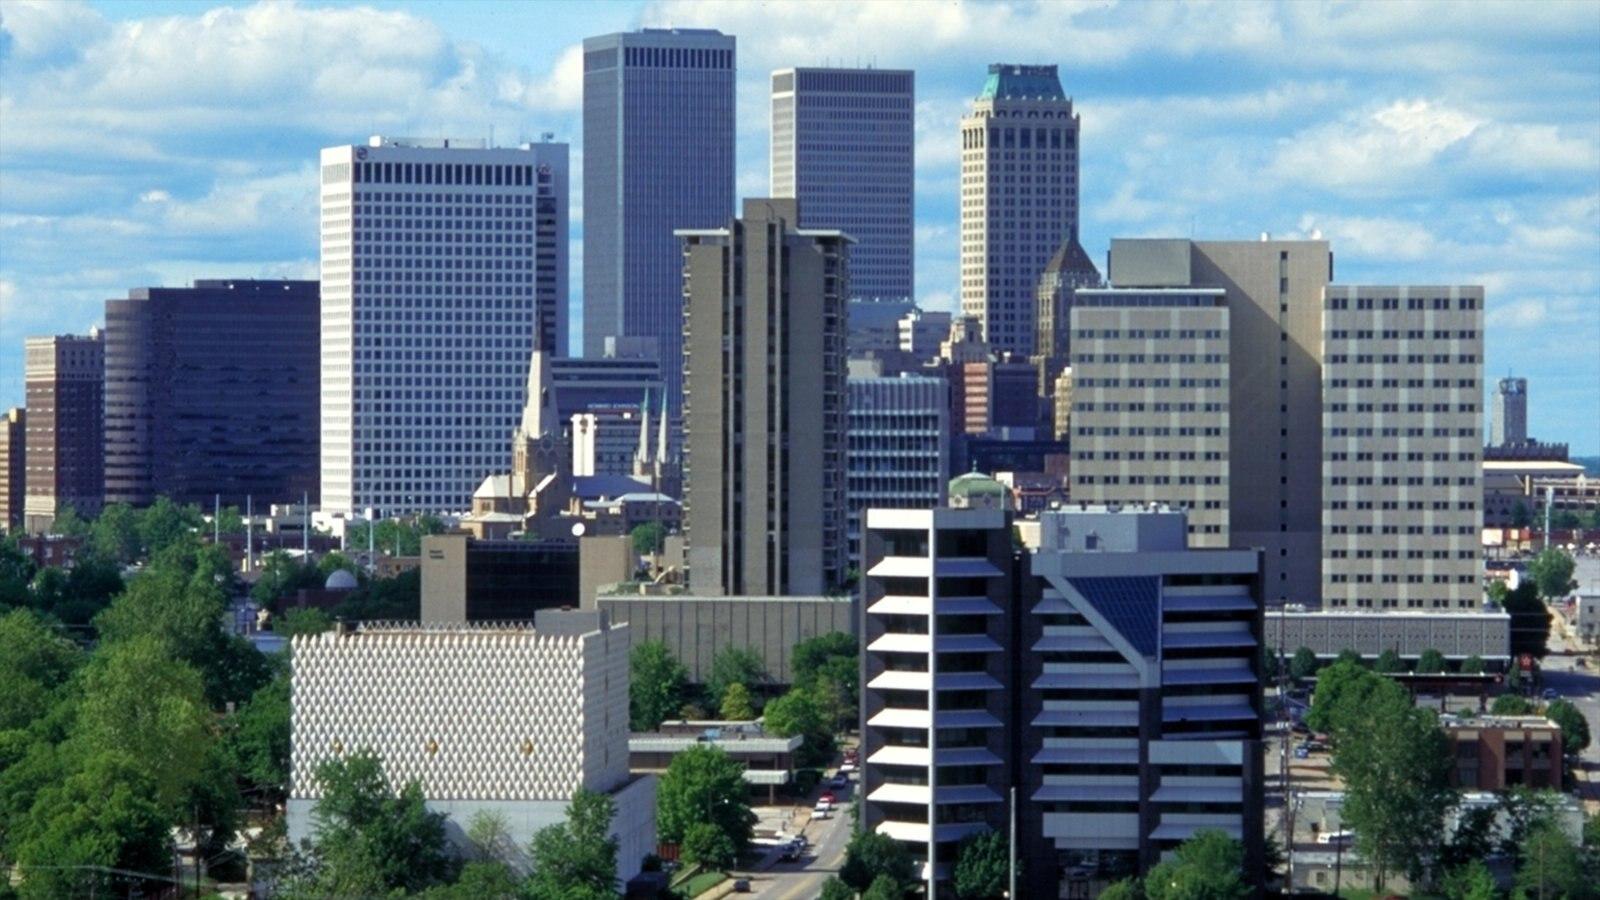 Centro de Tulsa ofreciendo un edificio de gran altura y una ciudad